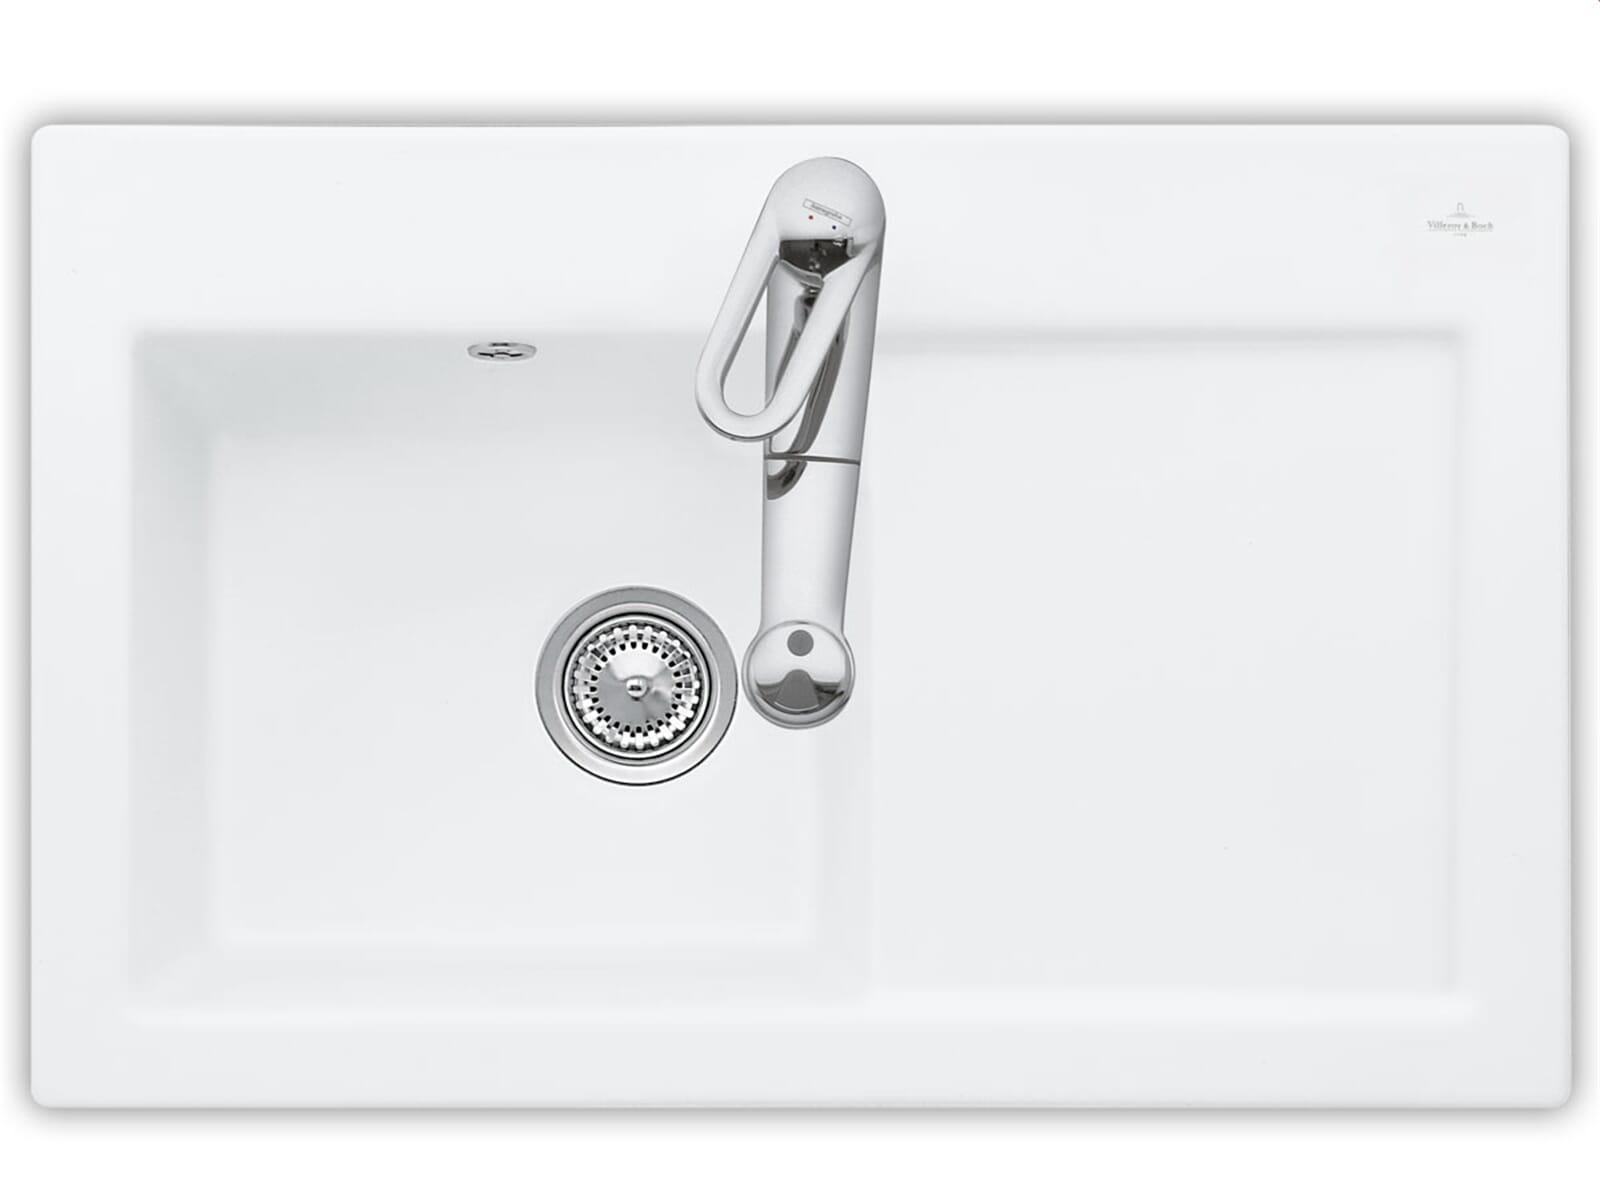 Villeroy & Boch Subway 45 Weiß (alpin) - 6772 01 R1 Keramikspüle Handbetätigung